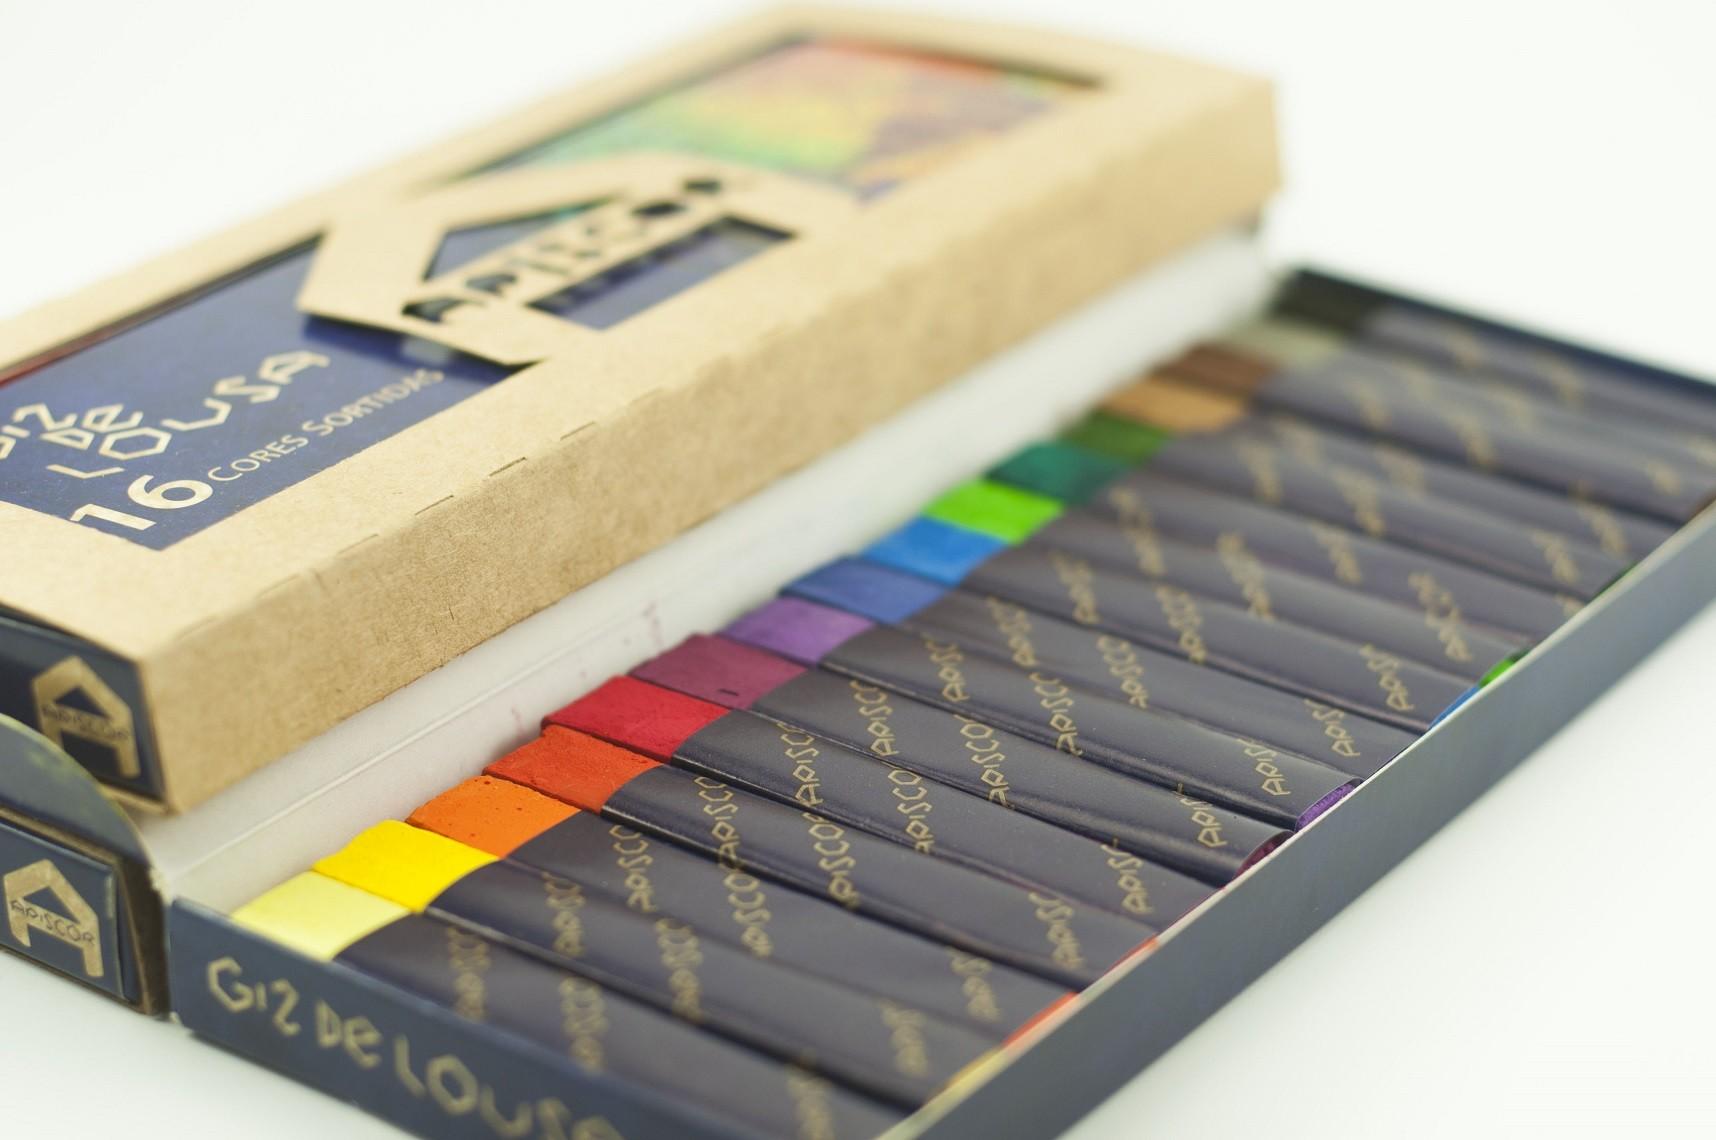 Giz de Lousa - Caixa com 16 cores sortidas, da Apiscor - Cód. AGL16S